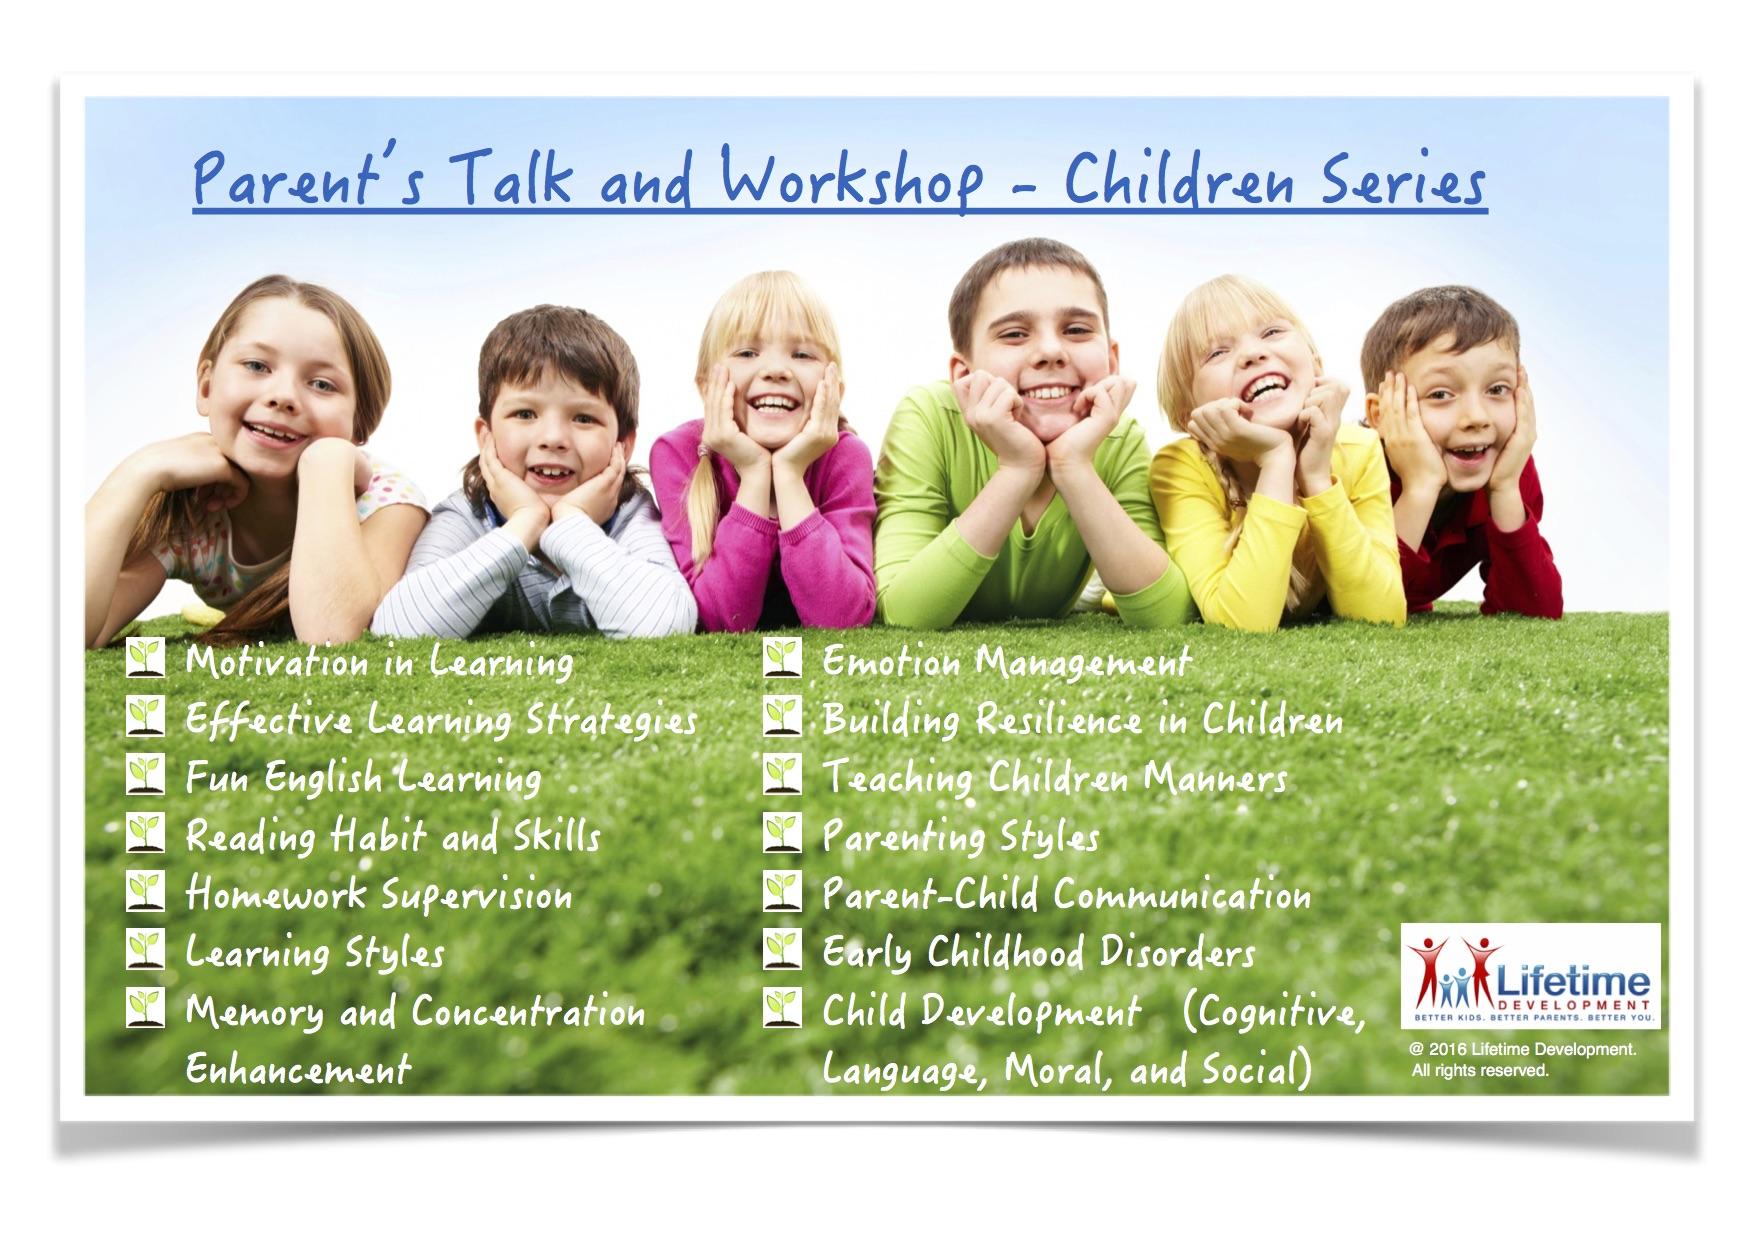 201607 Parenta Talk and Workshop Children Series English